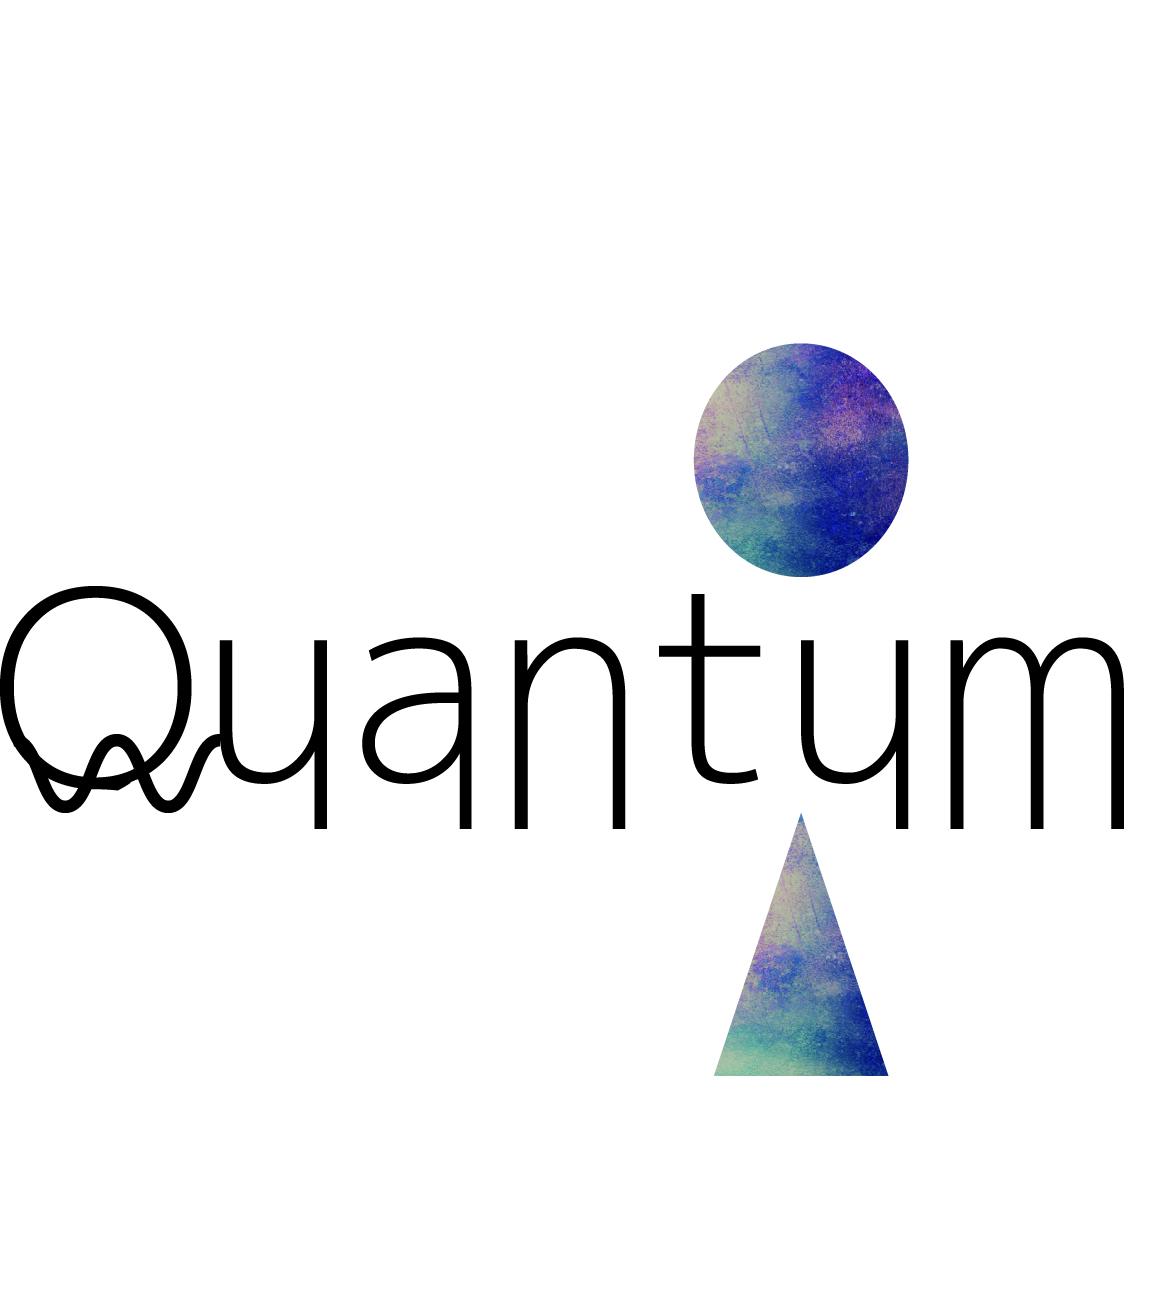 【世界初の量子力学的野外音楽フェス】Quantum【3/12 千葉県いすみ市】